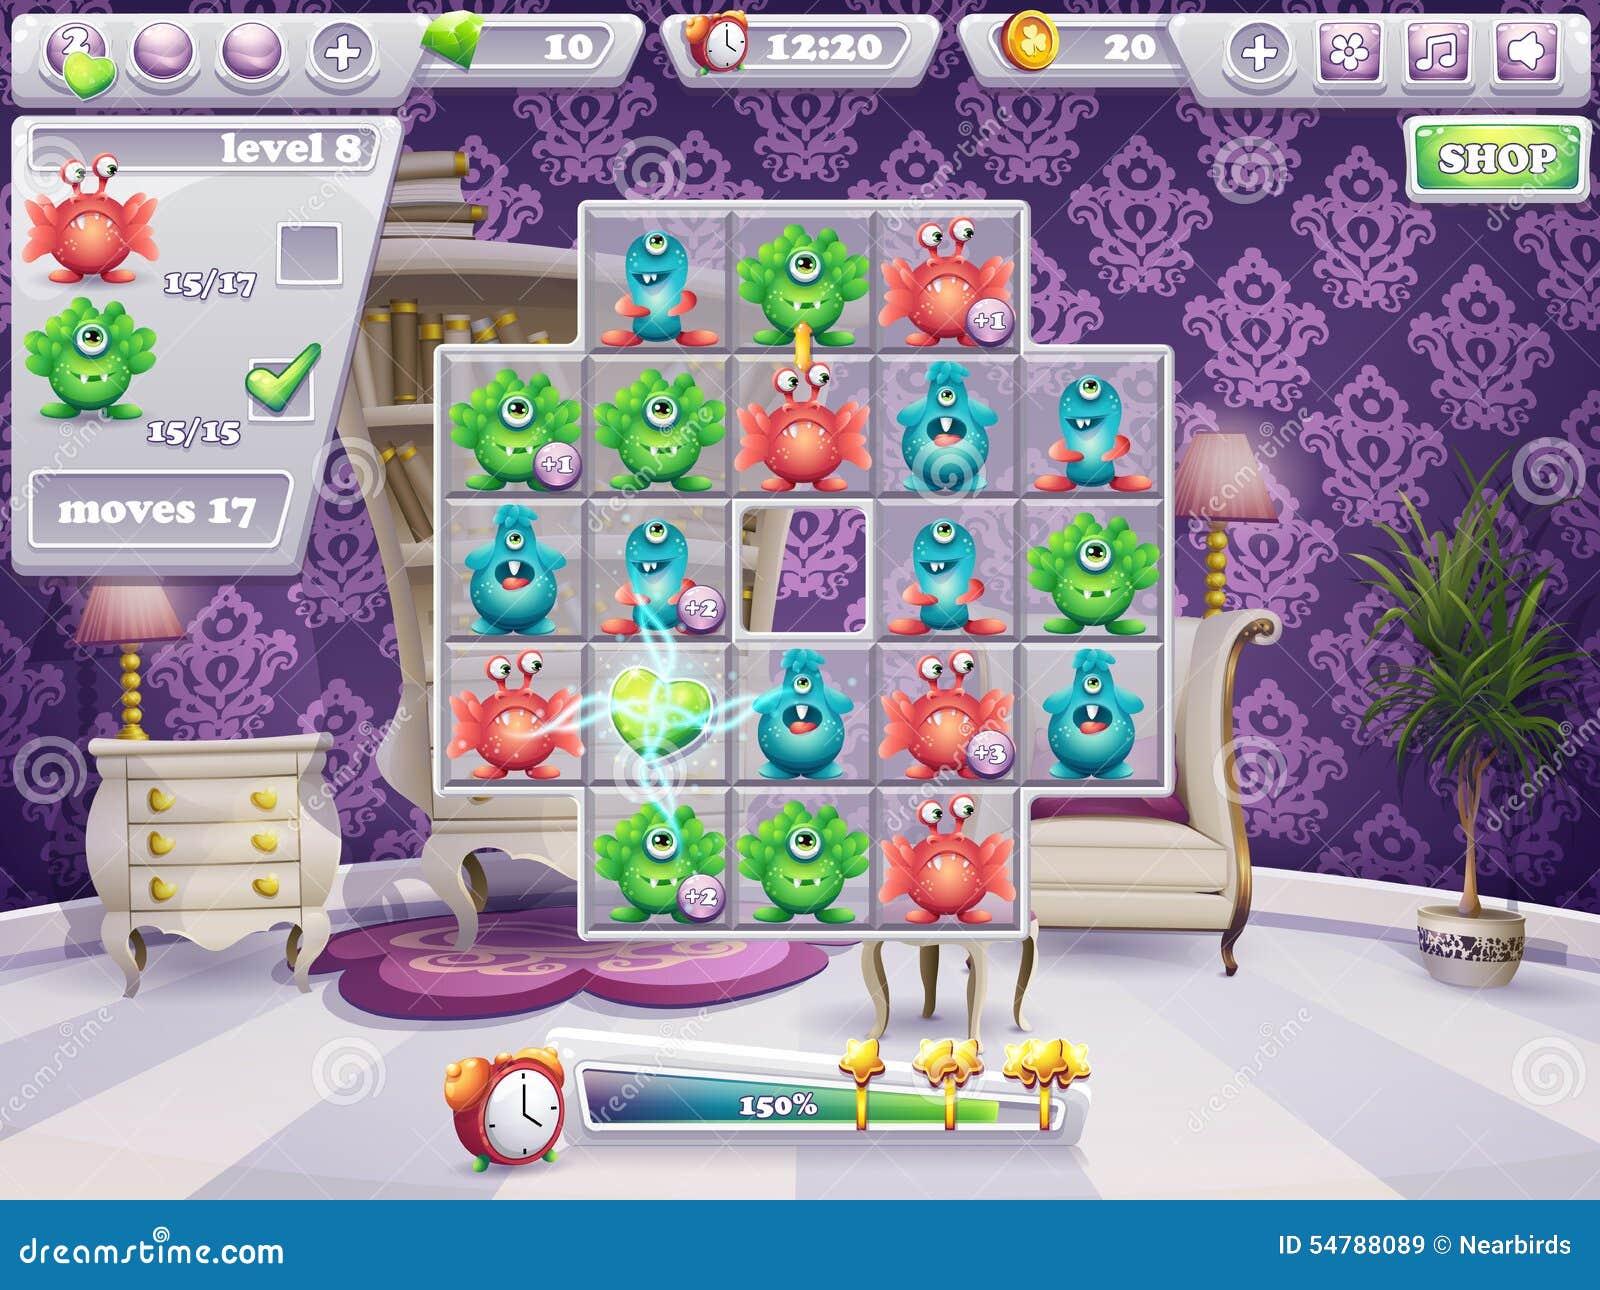 Ejemplo de la ventana del terreno de juego y los monstruos y el diseño web del juego de ordenador del interfaz